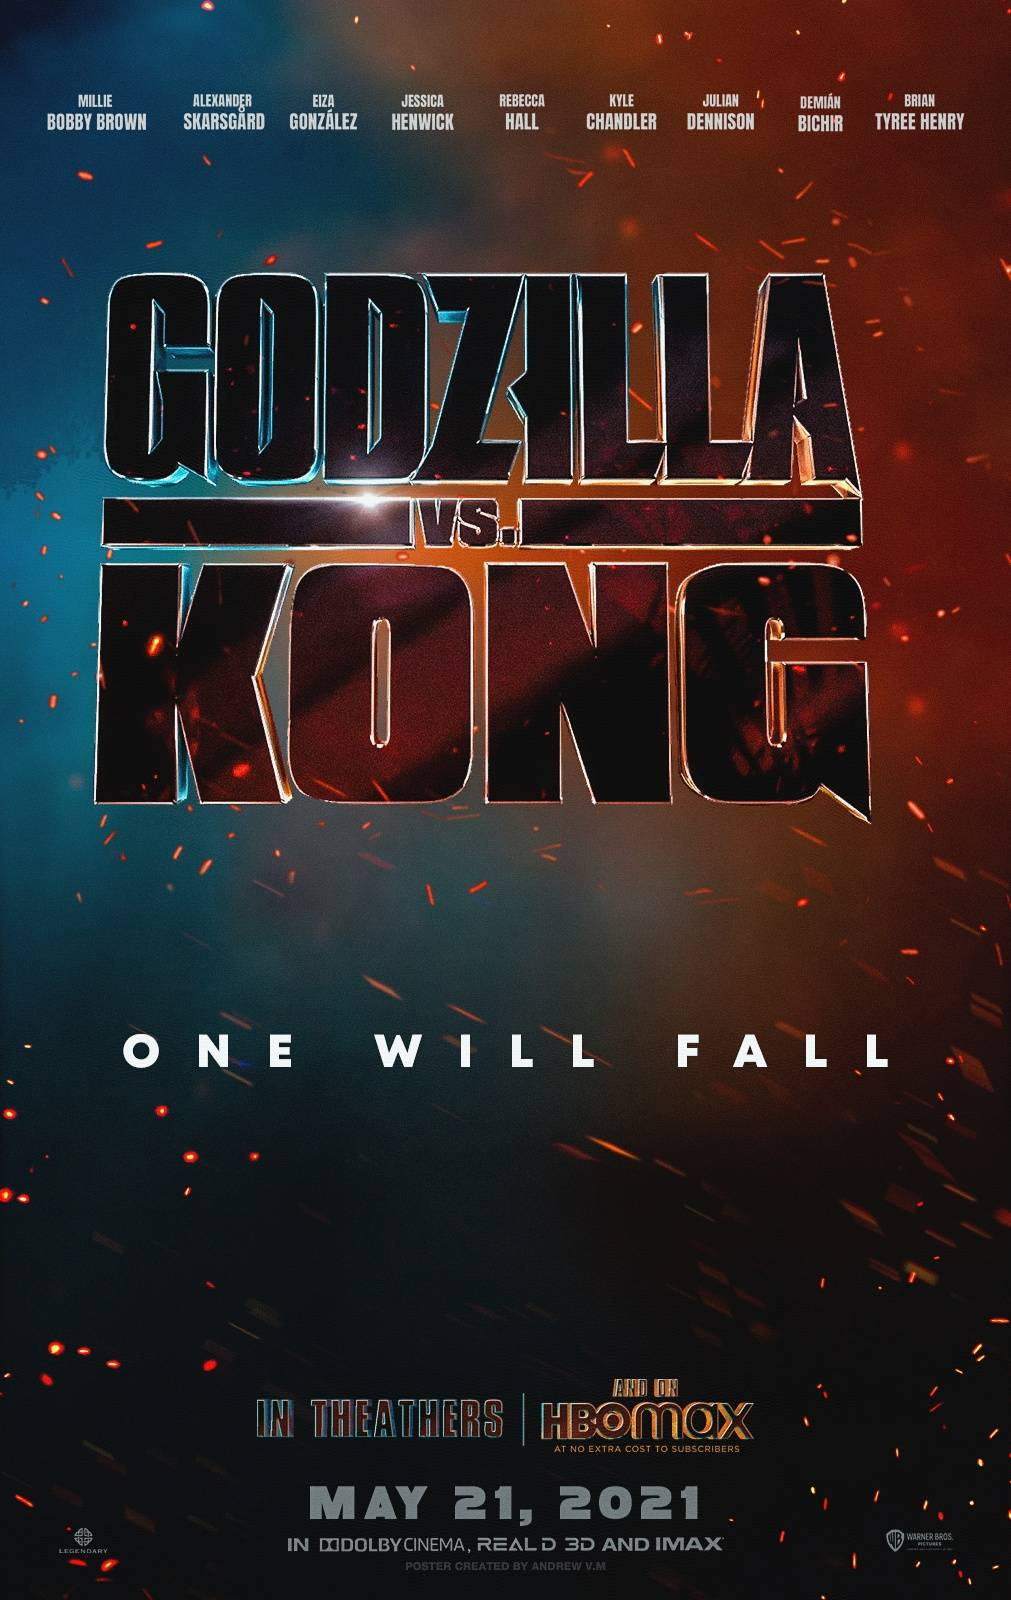 电影《哥斯拉大战金刚》提档至3月26日迅雷下载1080p.BD中英双字幕高清下载